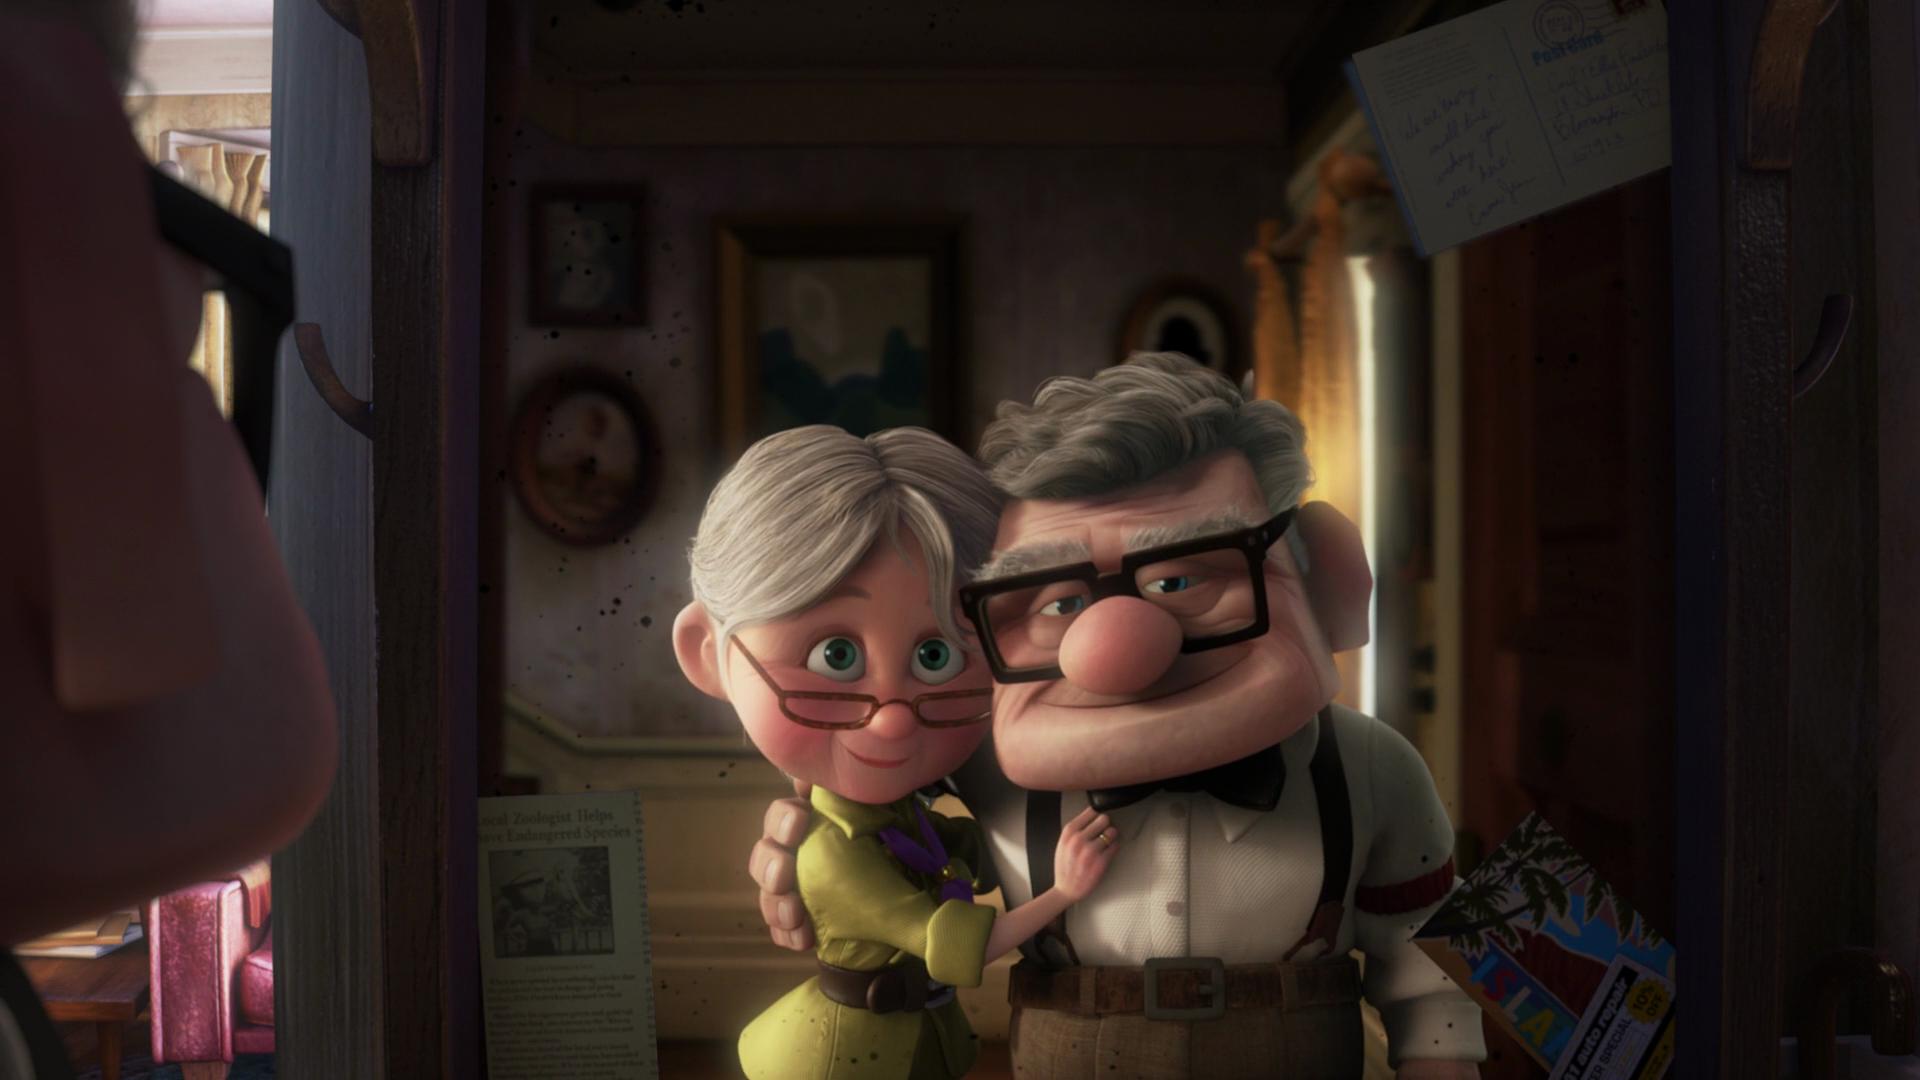 Amor Up Disney Pixar perguntas e respostas